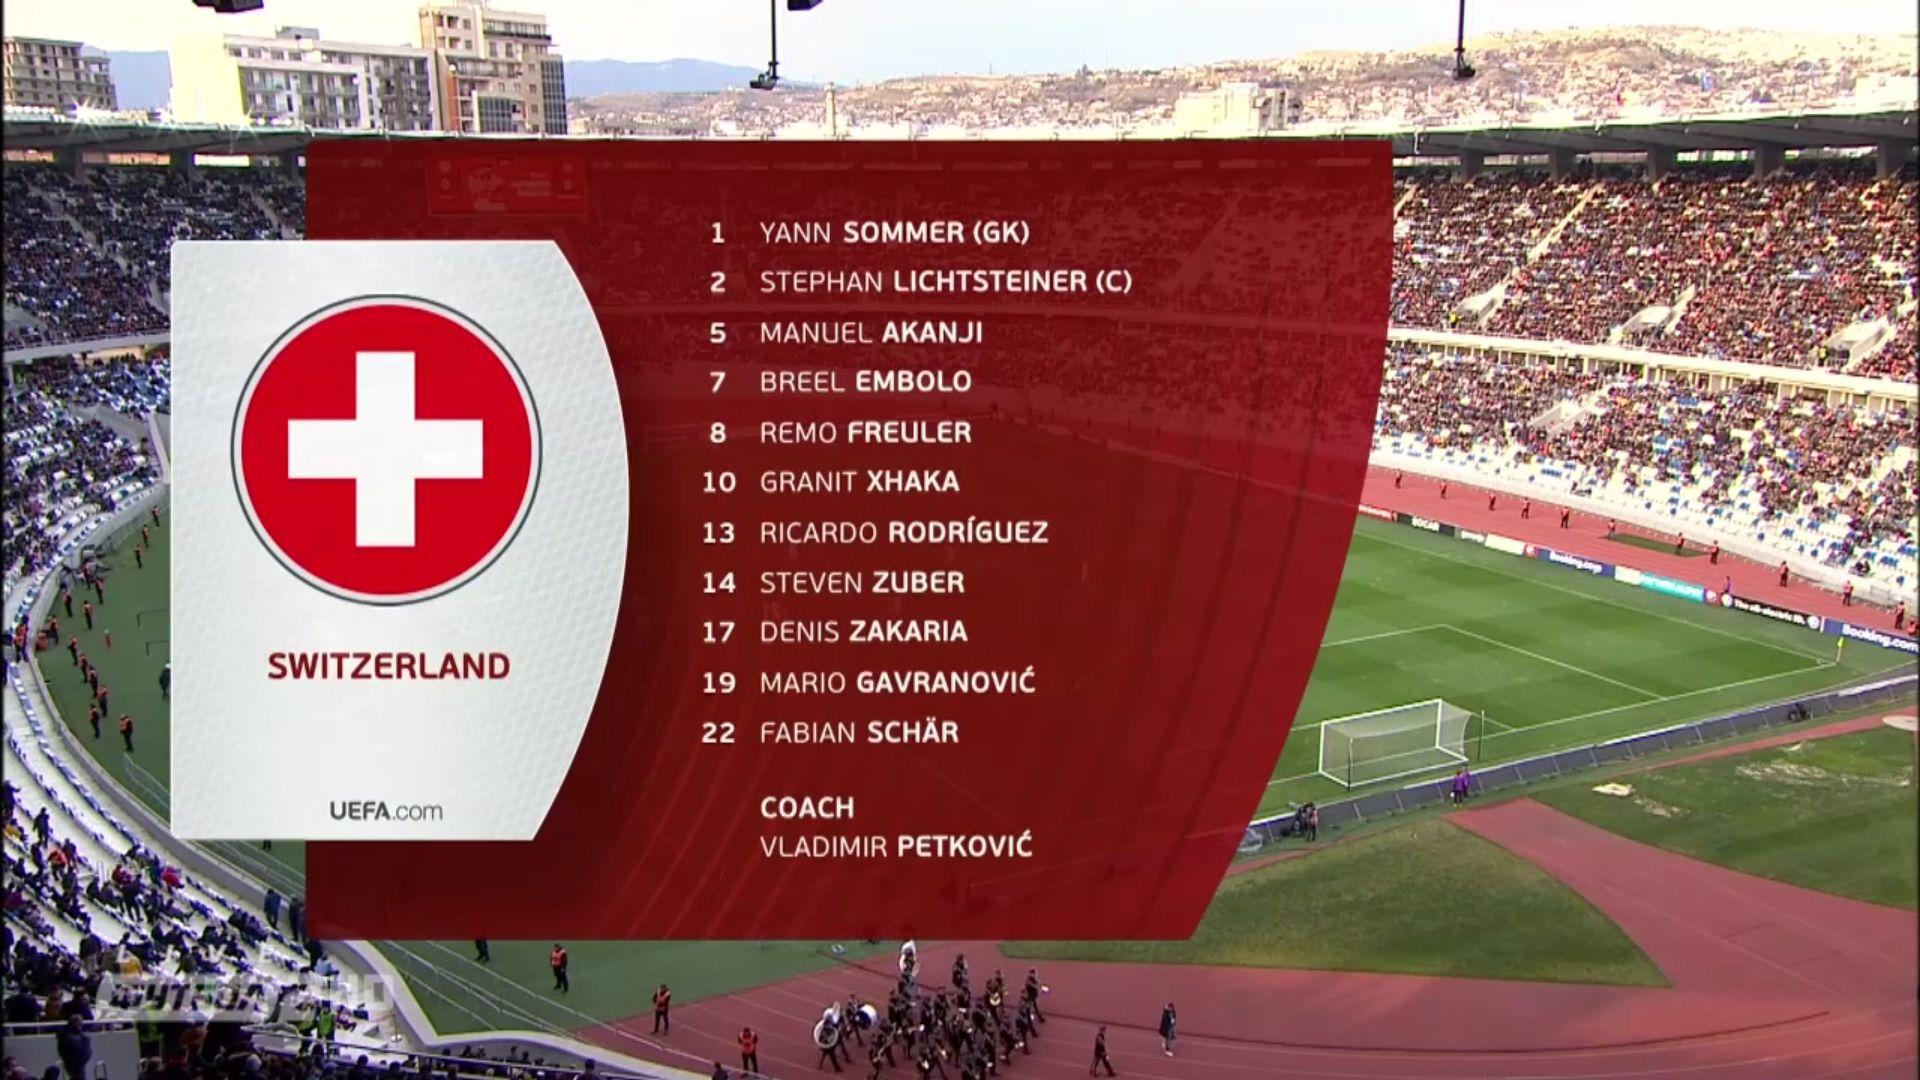 23-03-2019 - Georgia 0-2 Switzerland (EURO QUALIF.)